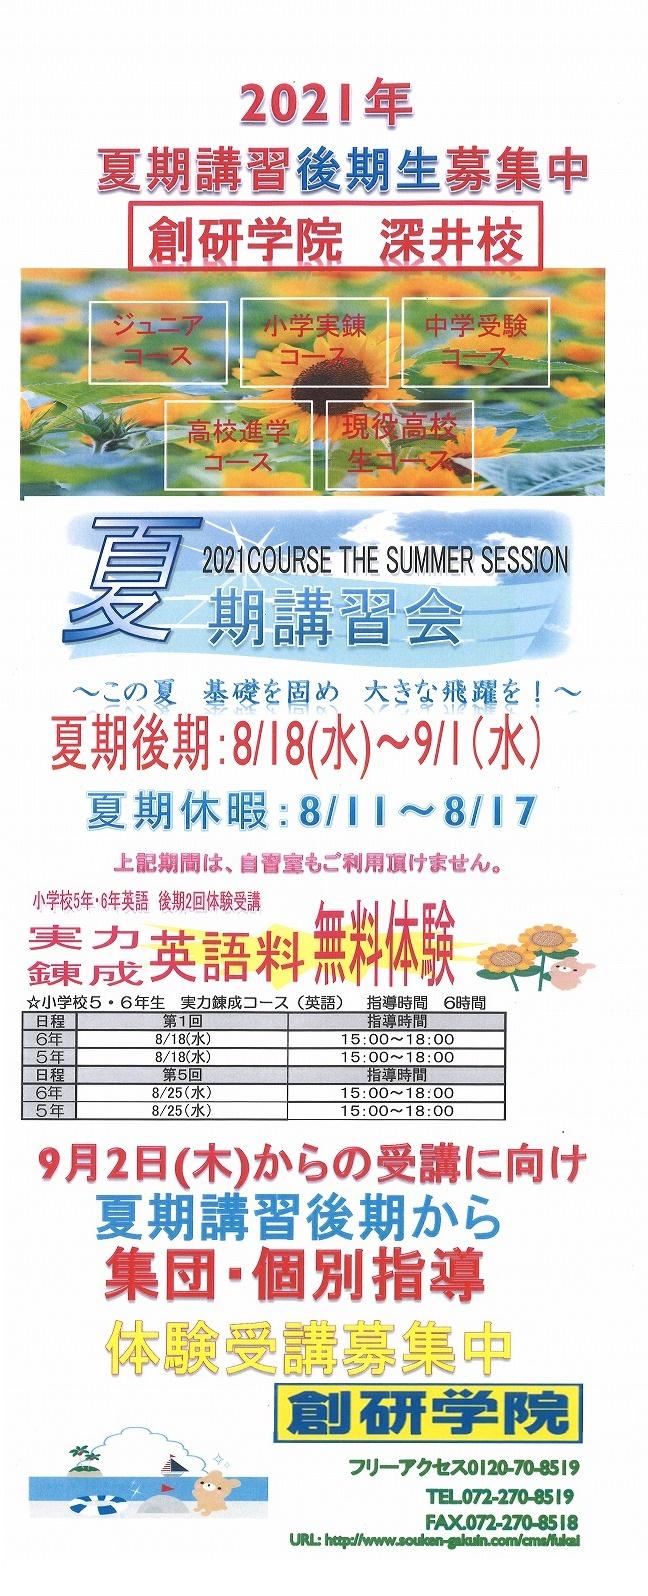 深井校:8月夏期・9月受講生募集中(体験受講募集中)